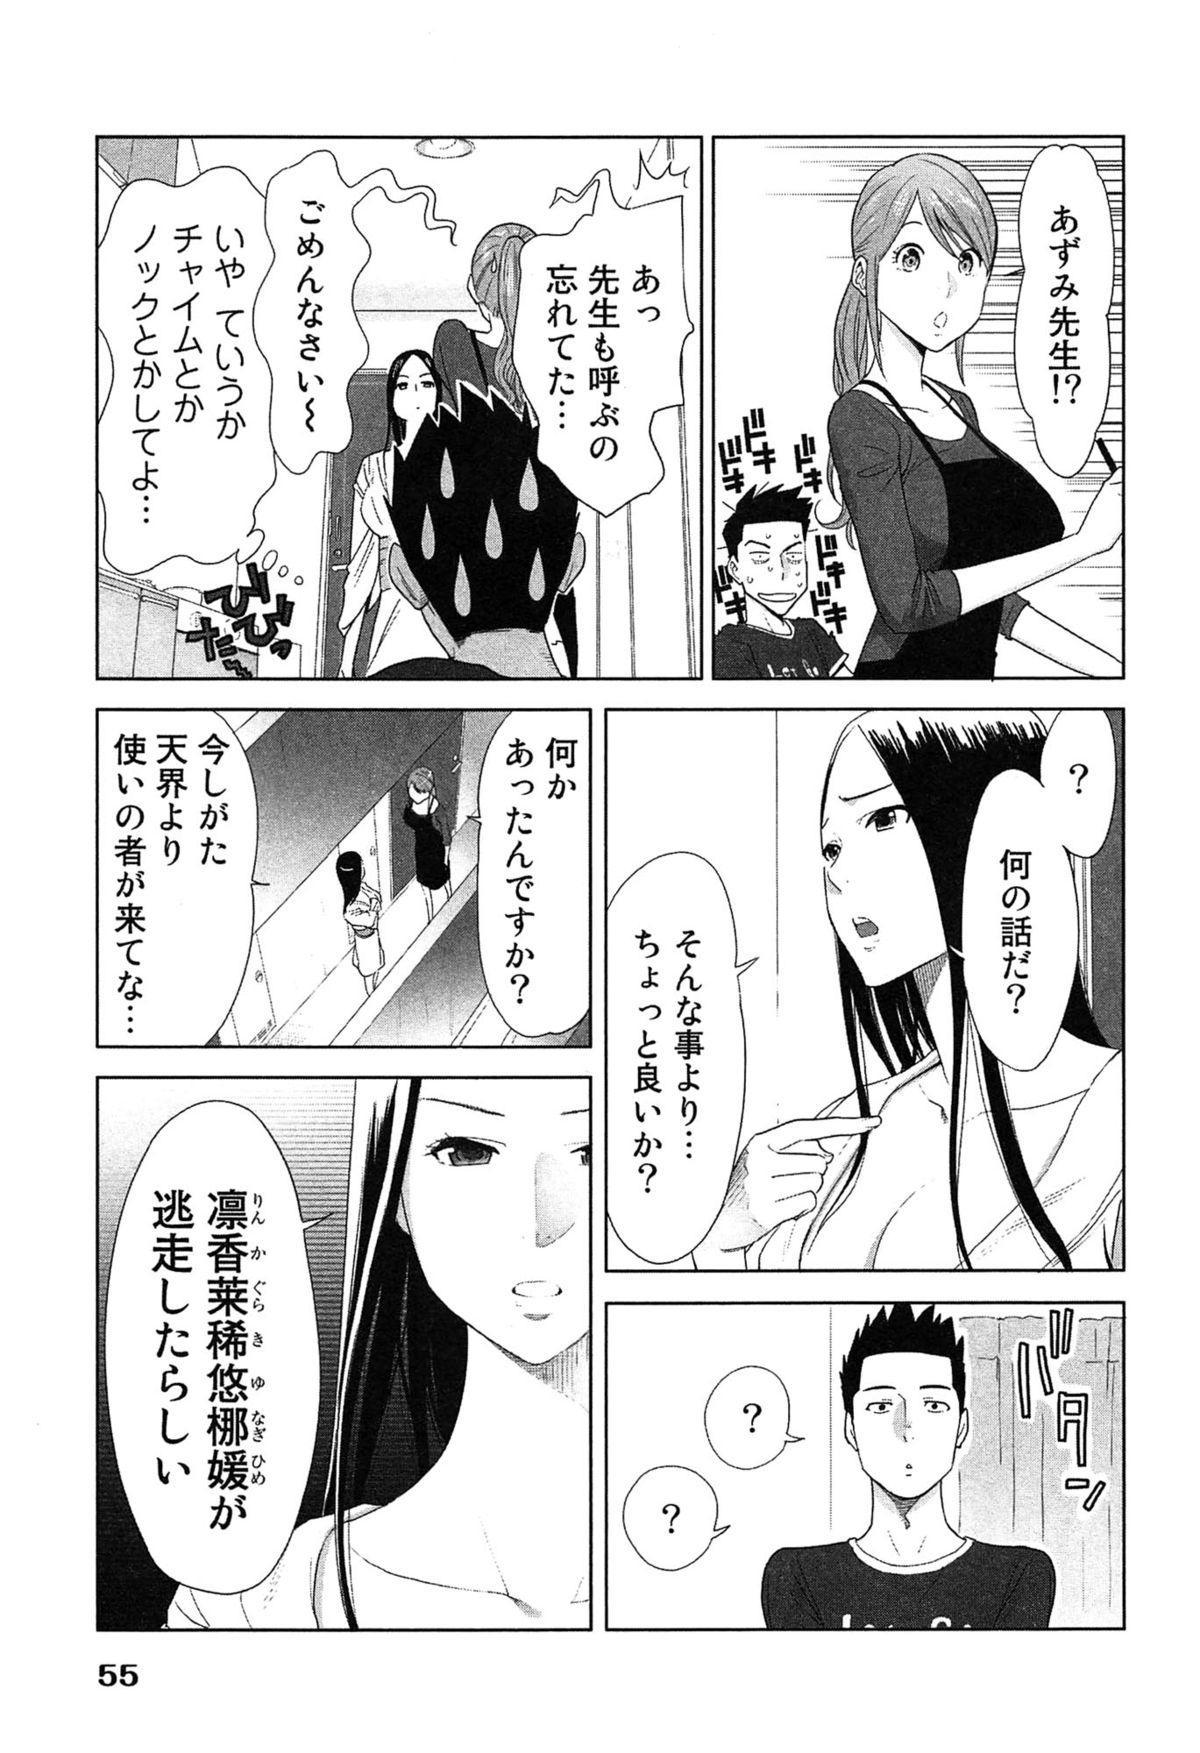 Megami to Ichinen Kura Shite Mita. 2 58